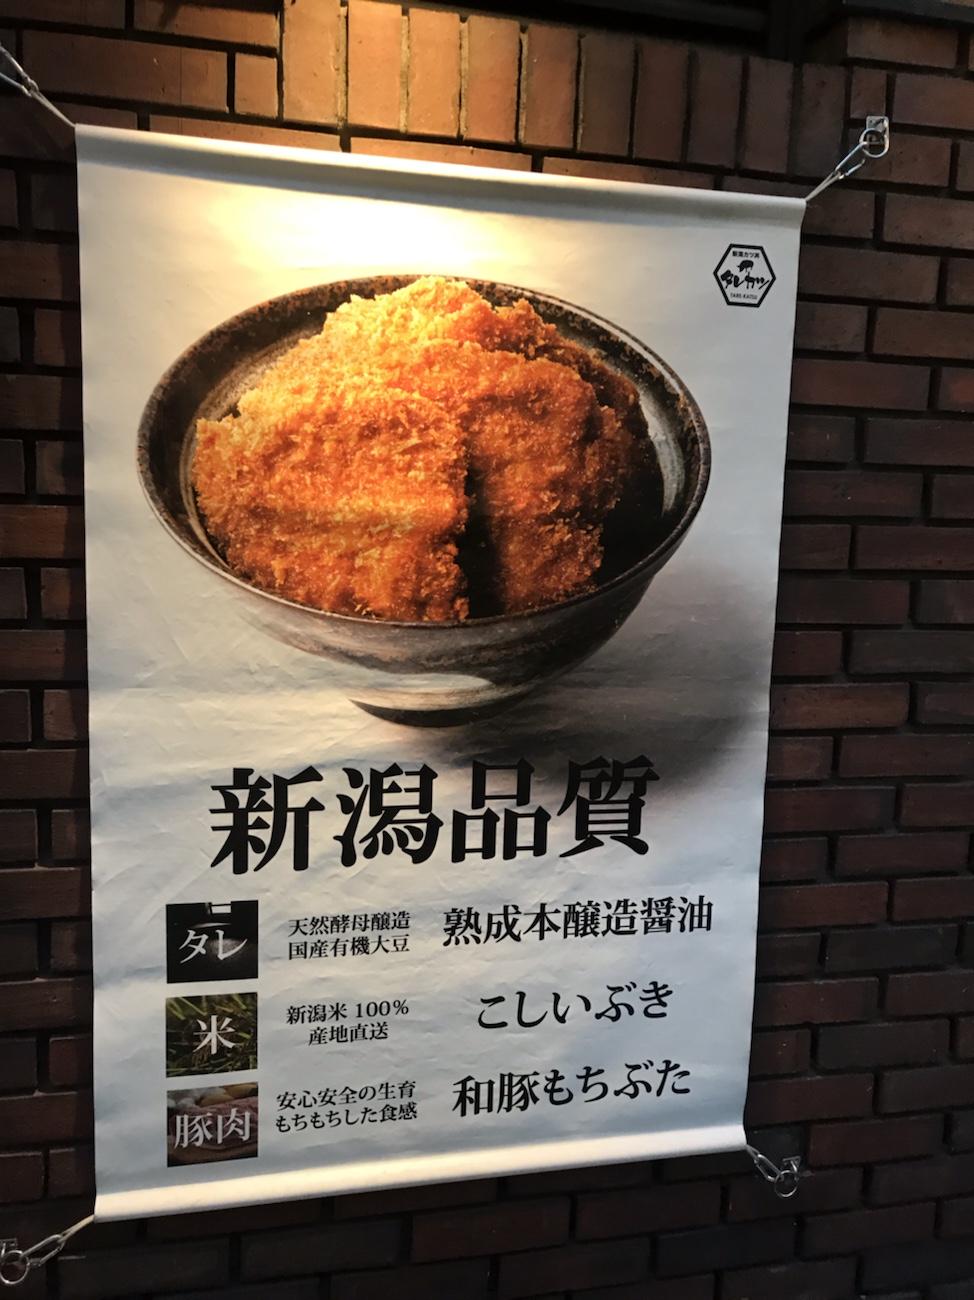 新潟カツ丼タレカツ渋谷店 場所